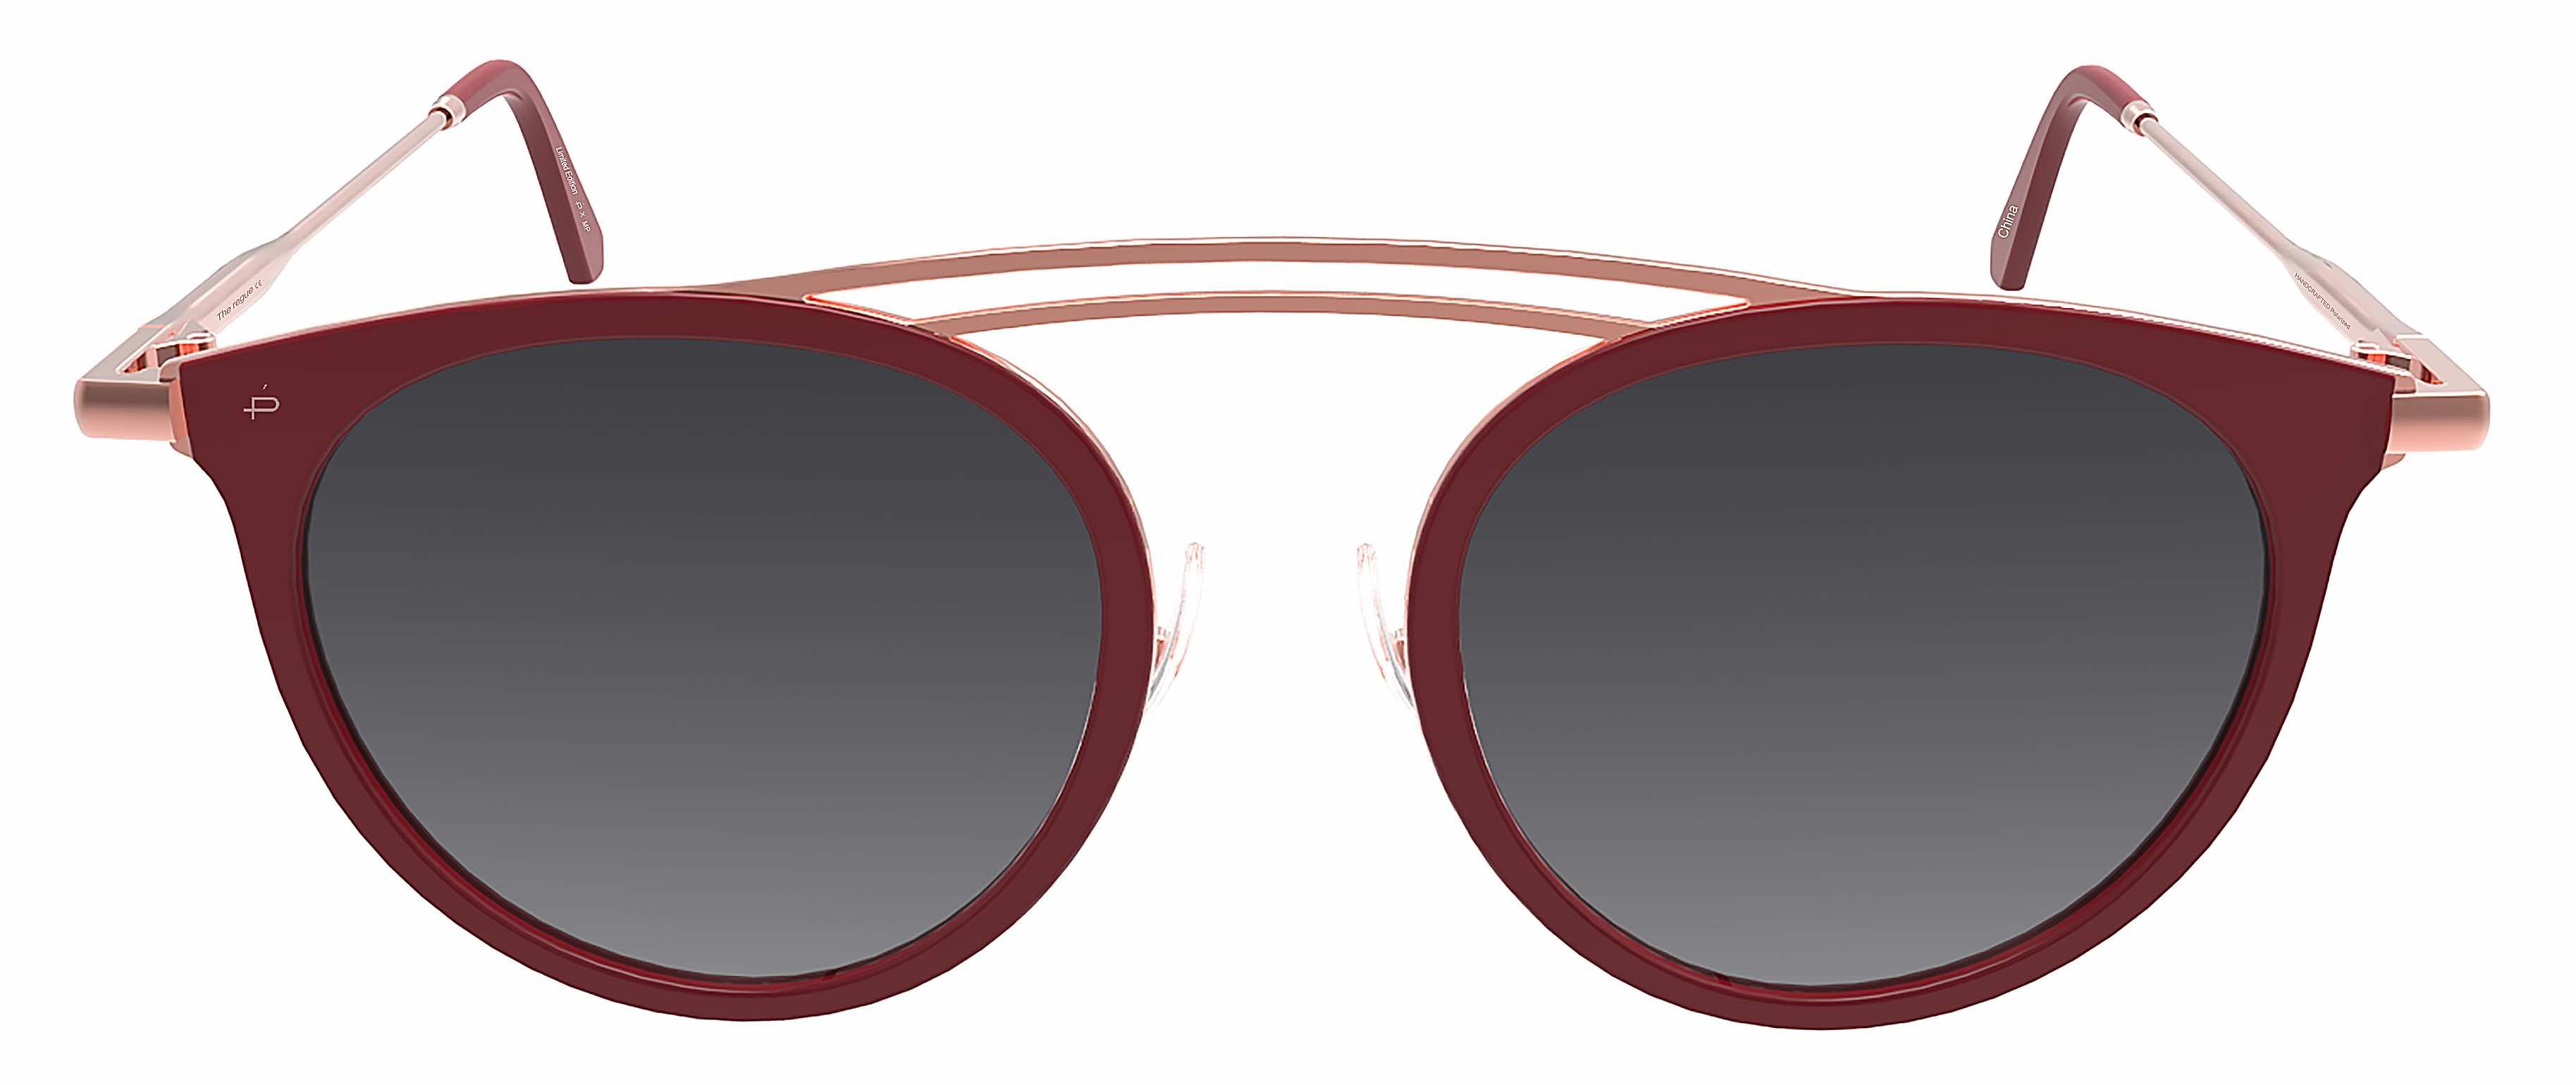 Les lunettes de stars Privé Revaux à moins de 35 € débarquent en France chez Krys